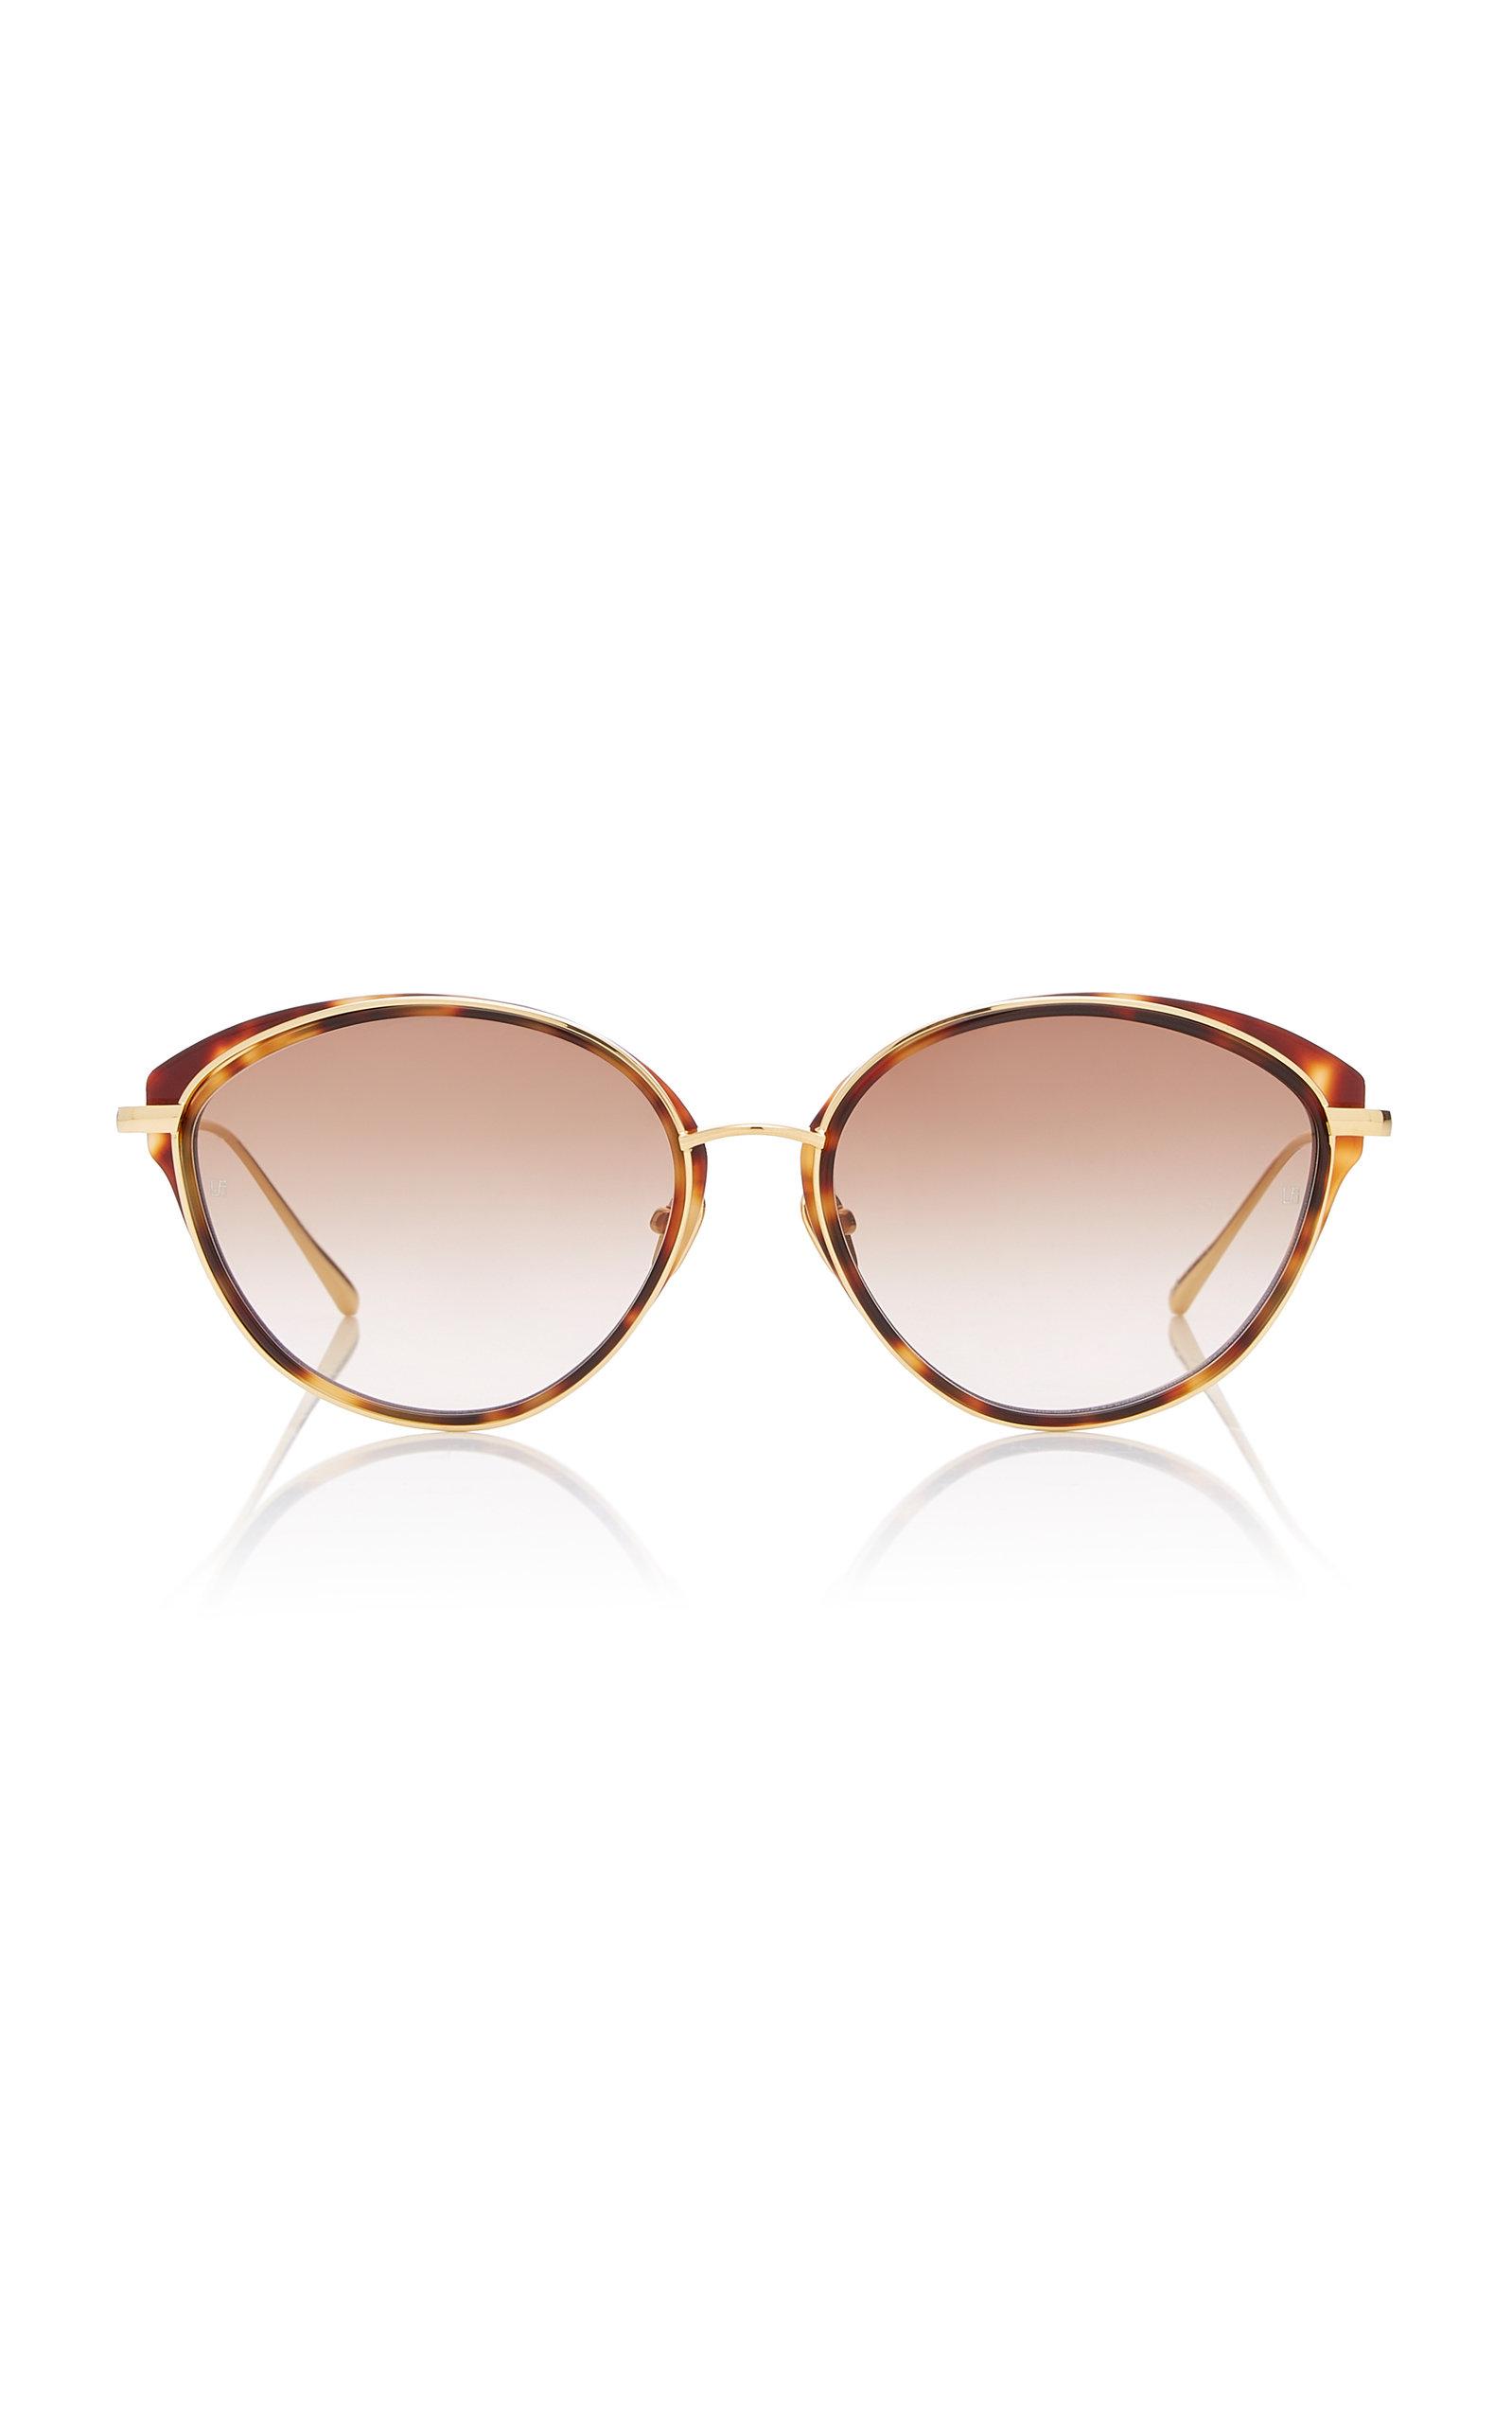 8e08adc1c57 Linda FarrowCat-Eye Tortoiseshell Acetate And Titanium Sunglasses. CLOSE.  Loading